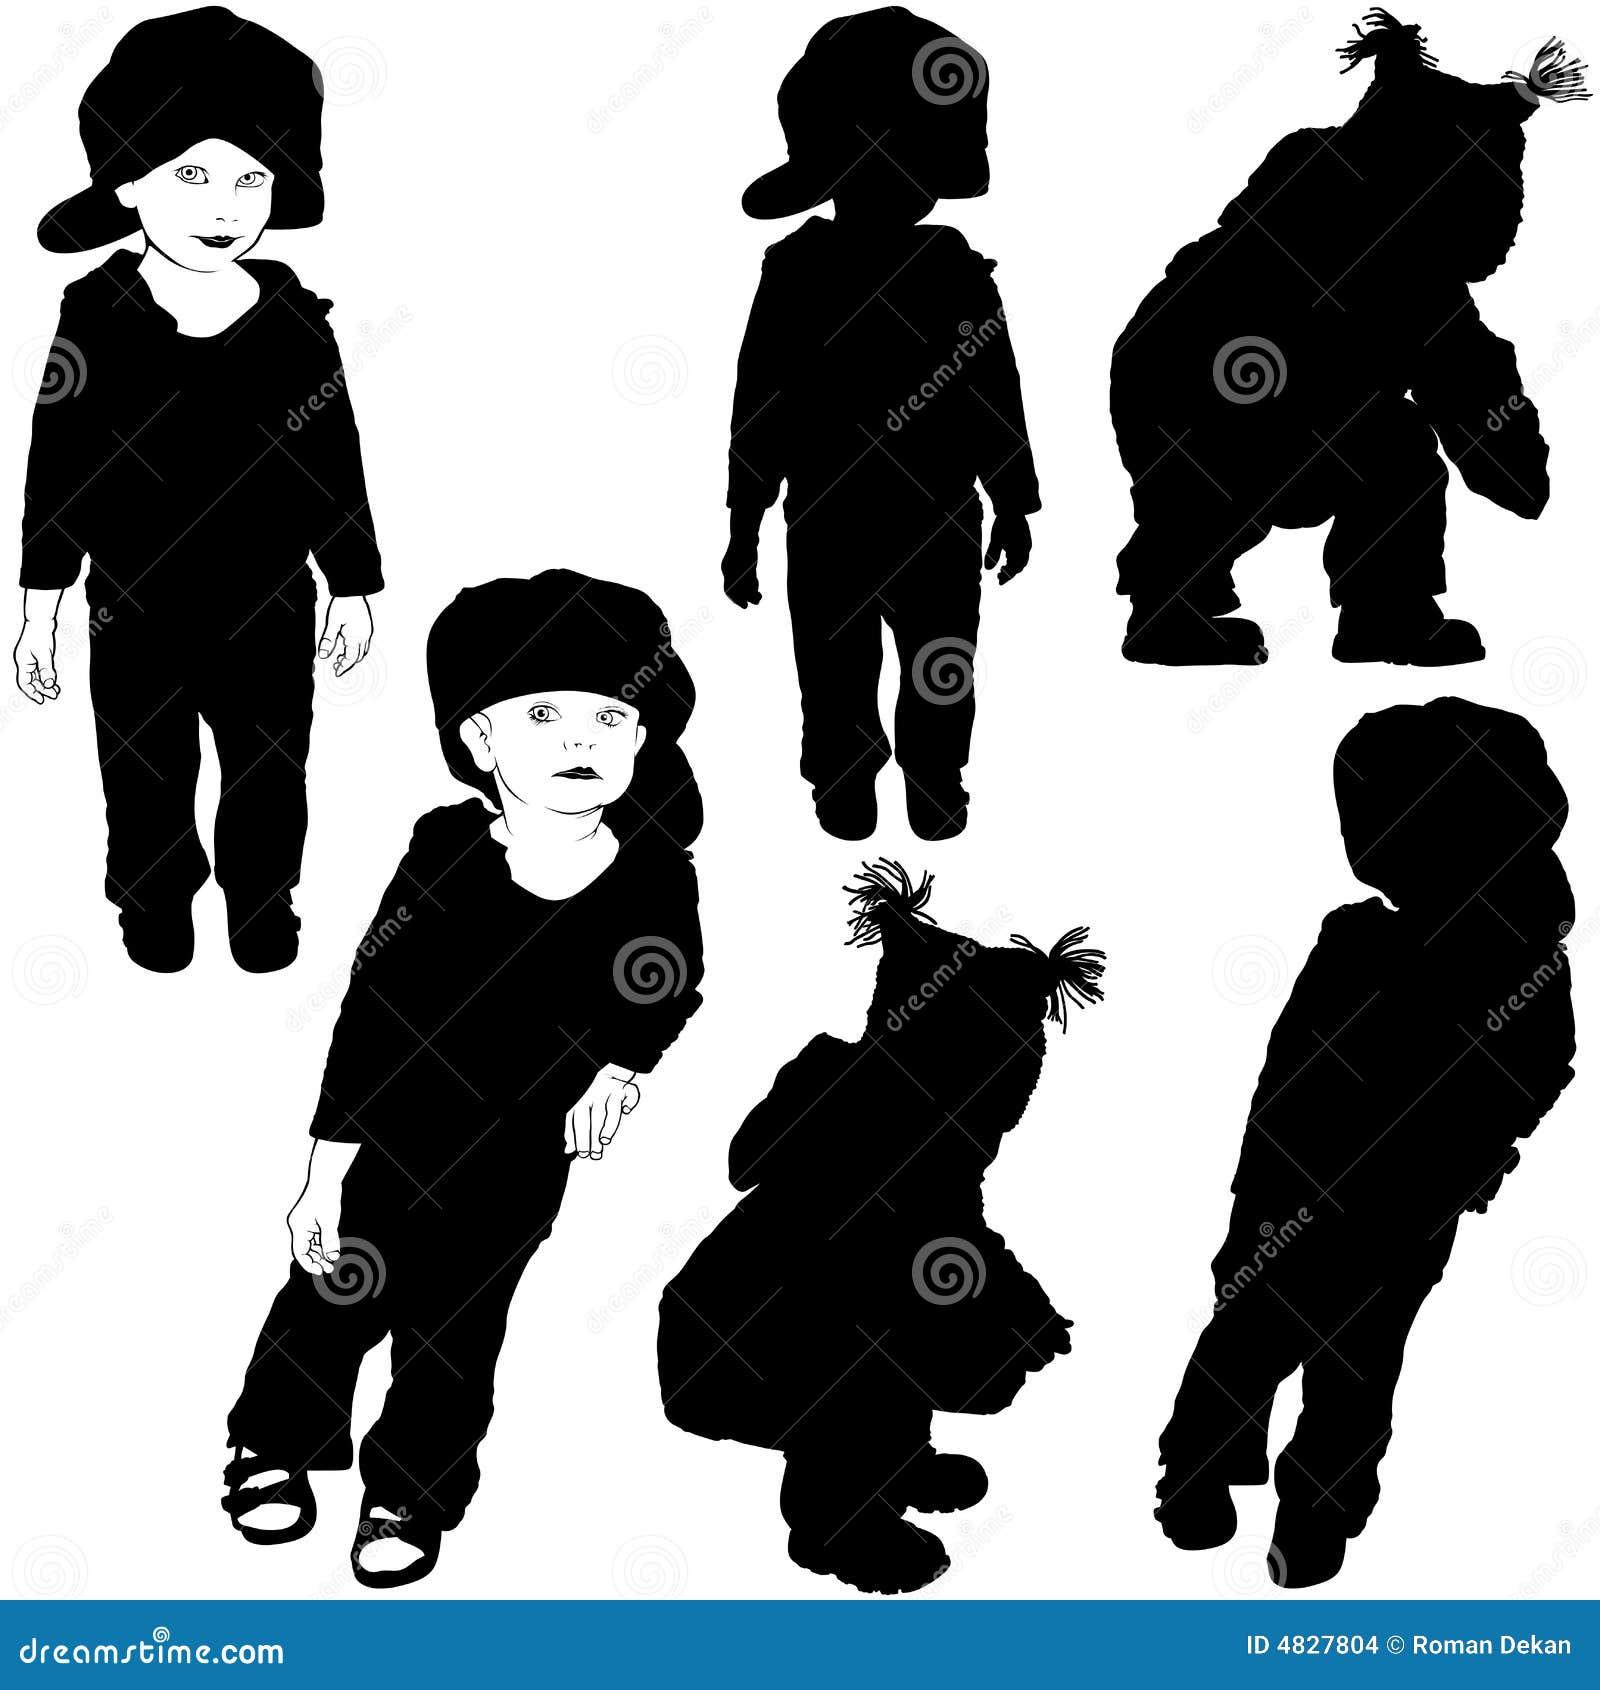 Schattenbilder 07 der kinder vektor abbildung - Schattenbilder kinder ...